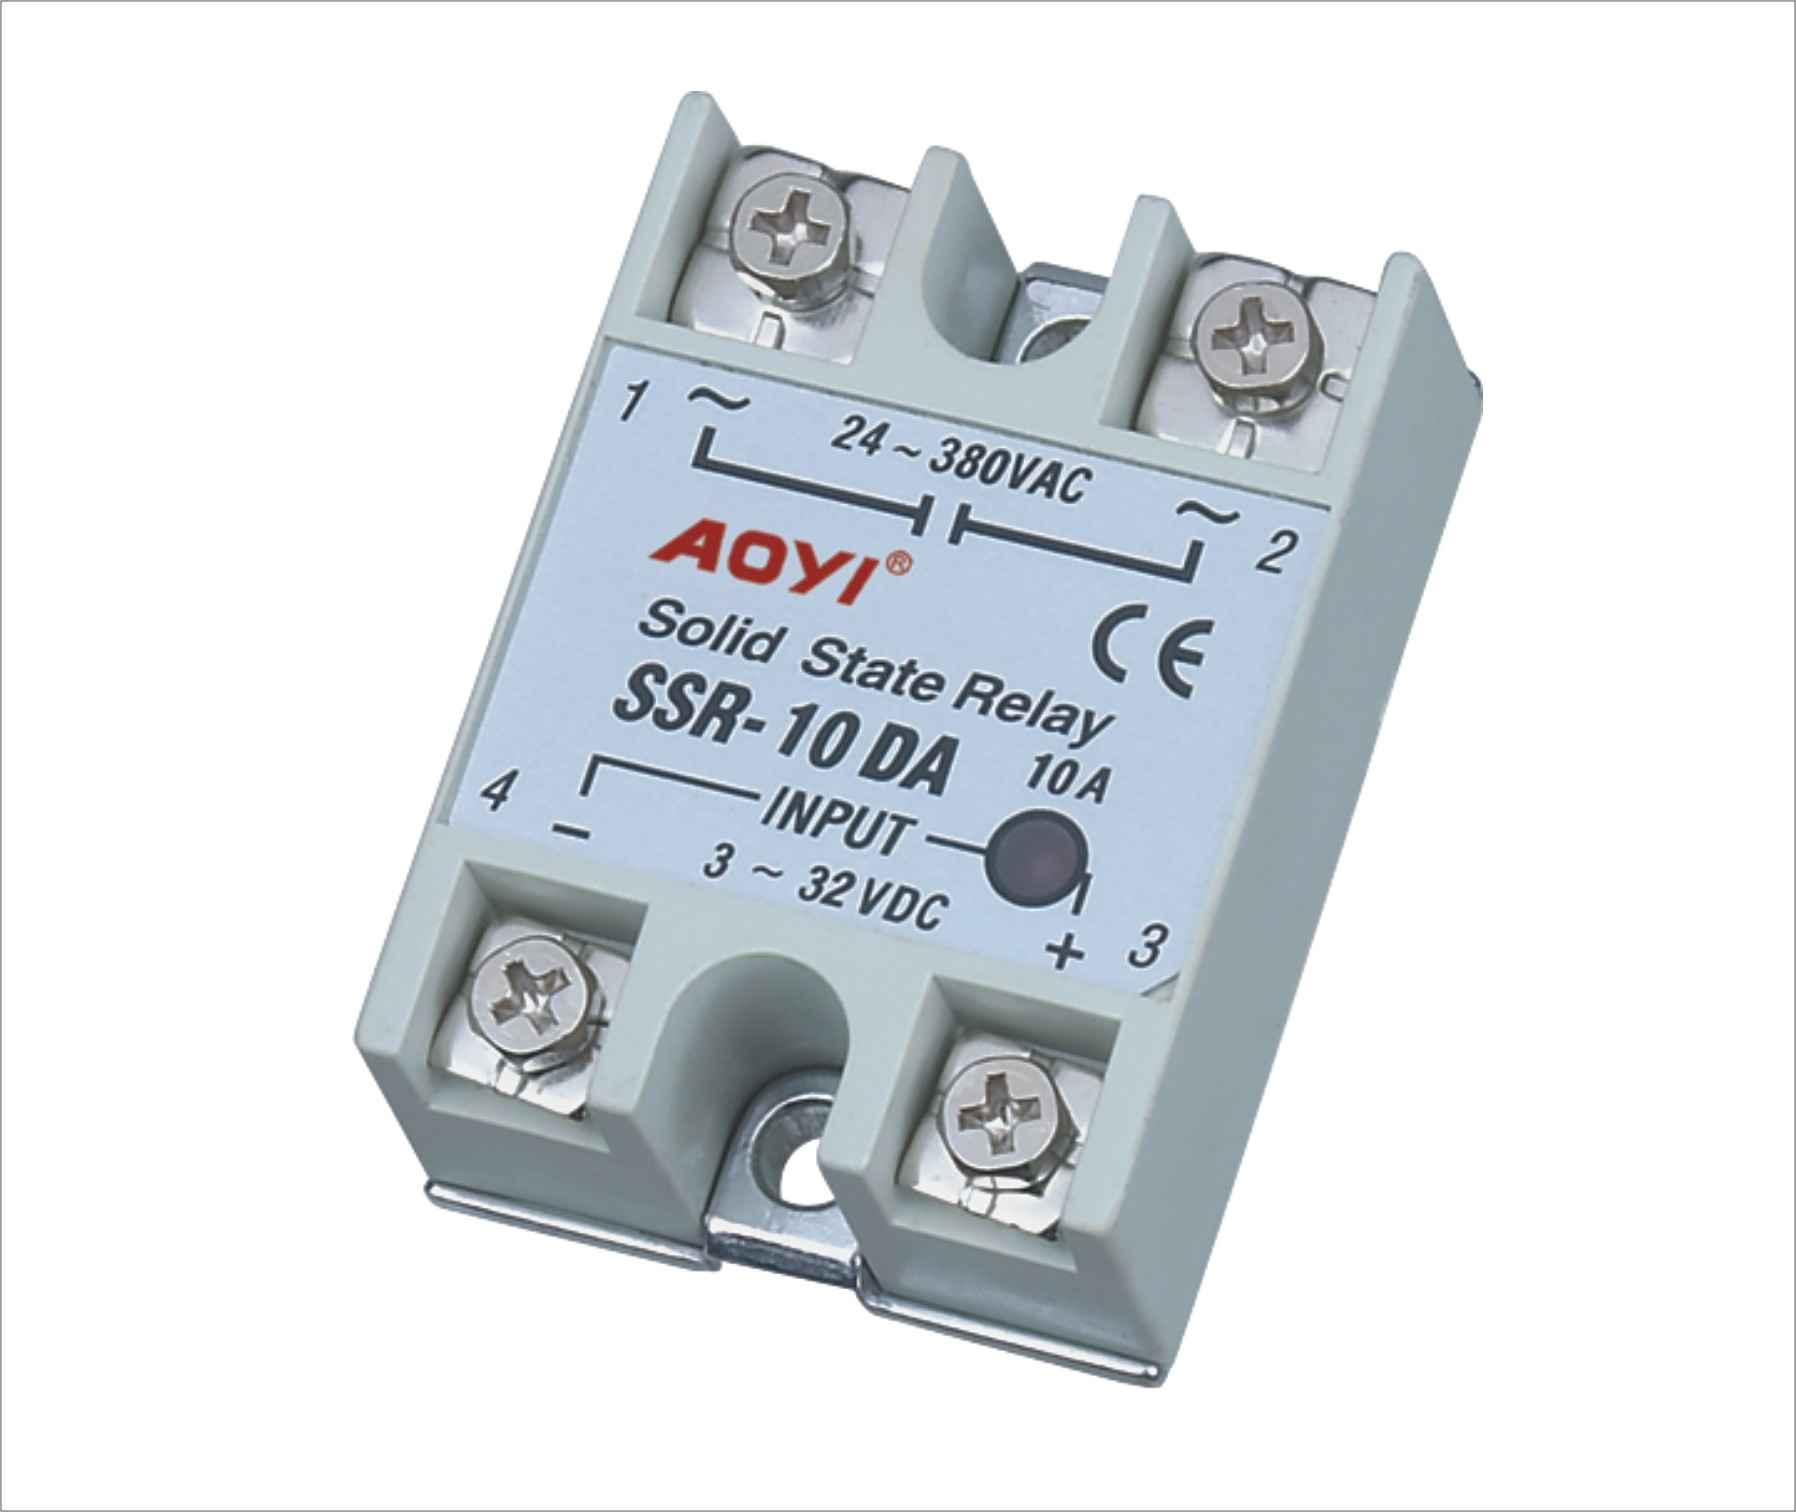 图片实拍固态继电器实物接线|什么是固态继电器ssr